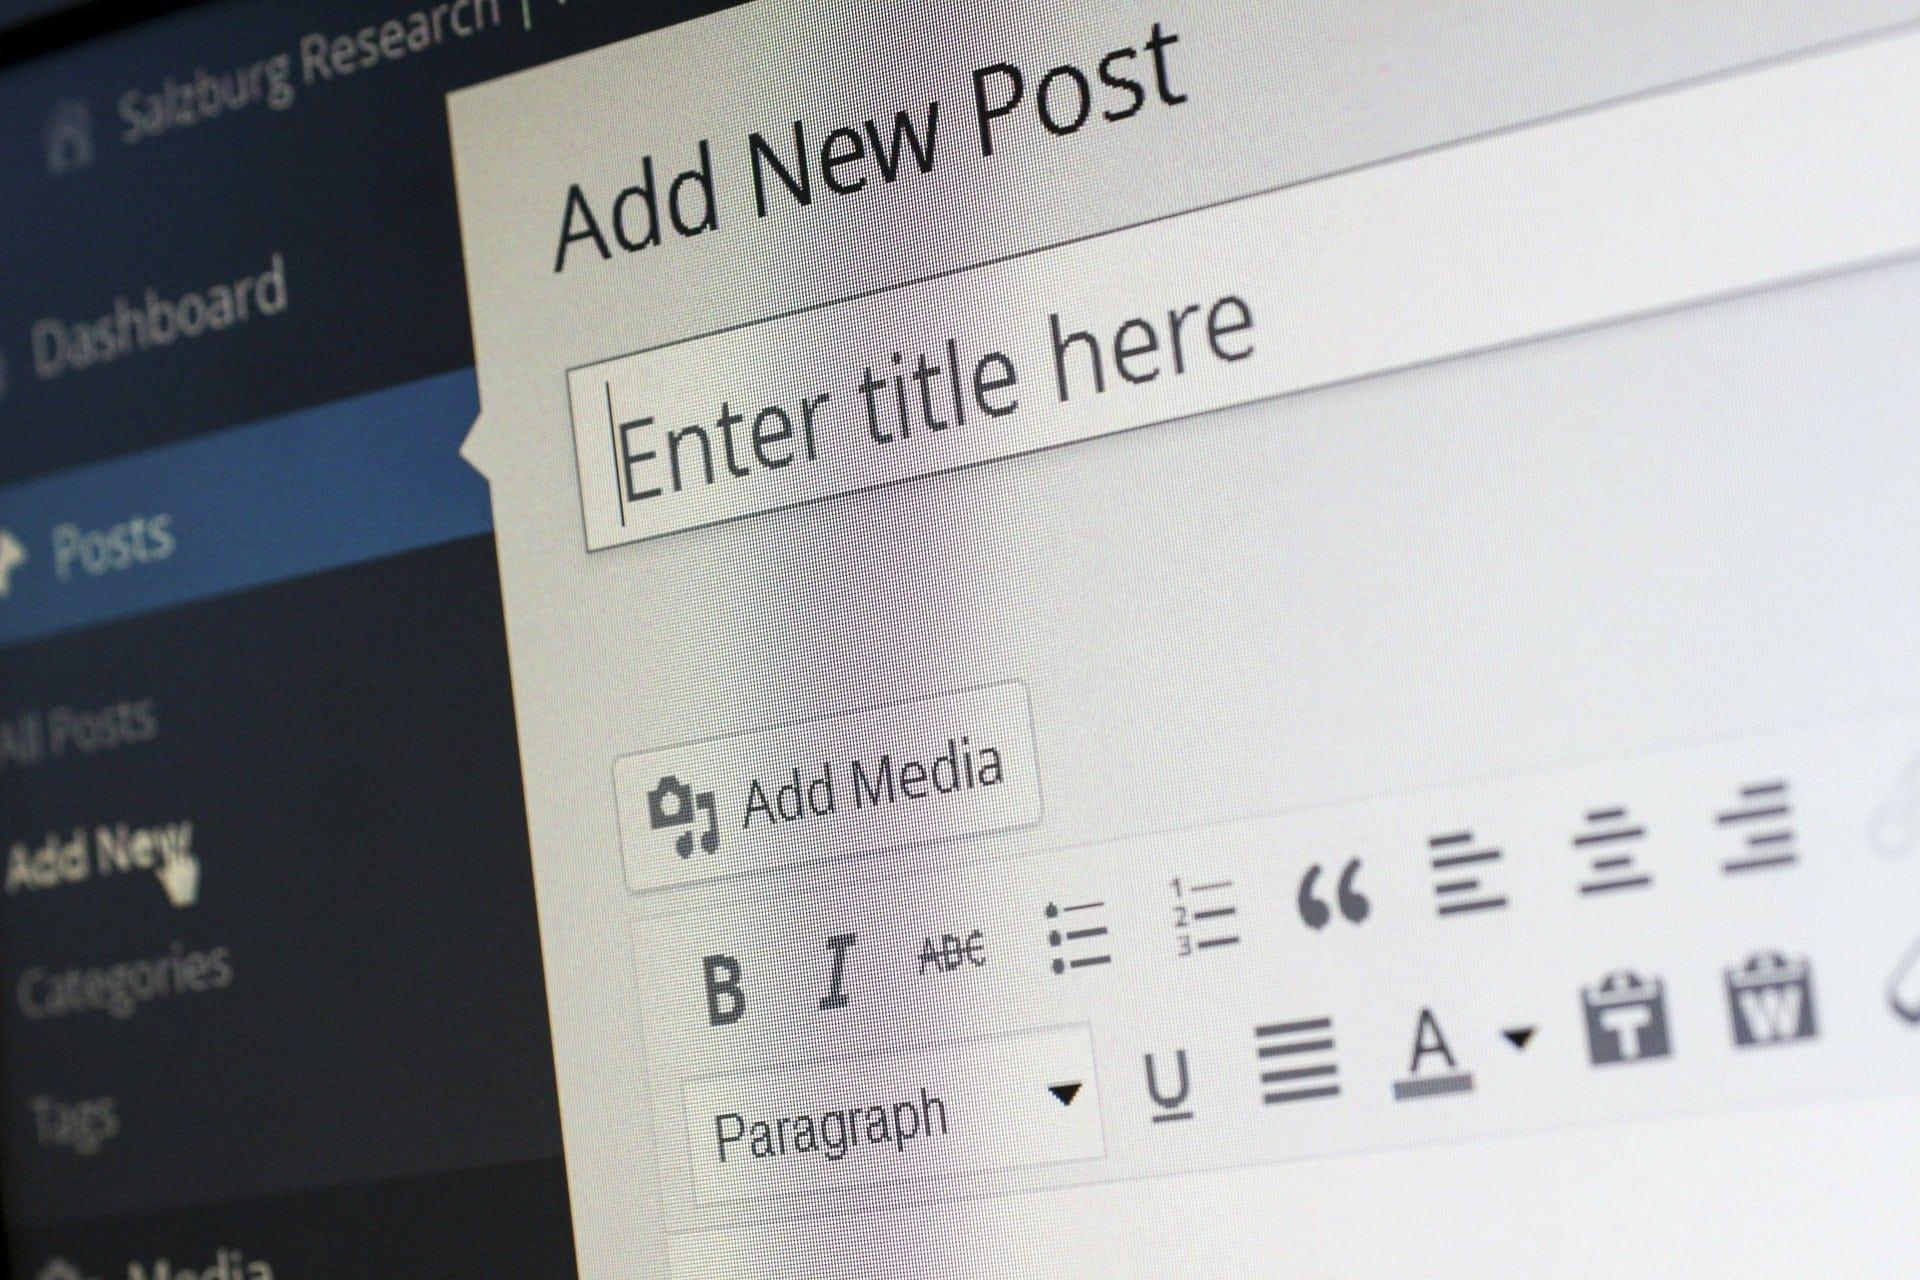 如何架設wordpress網站賺錢-新手簡易教學 2021